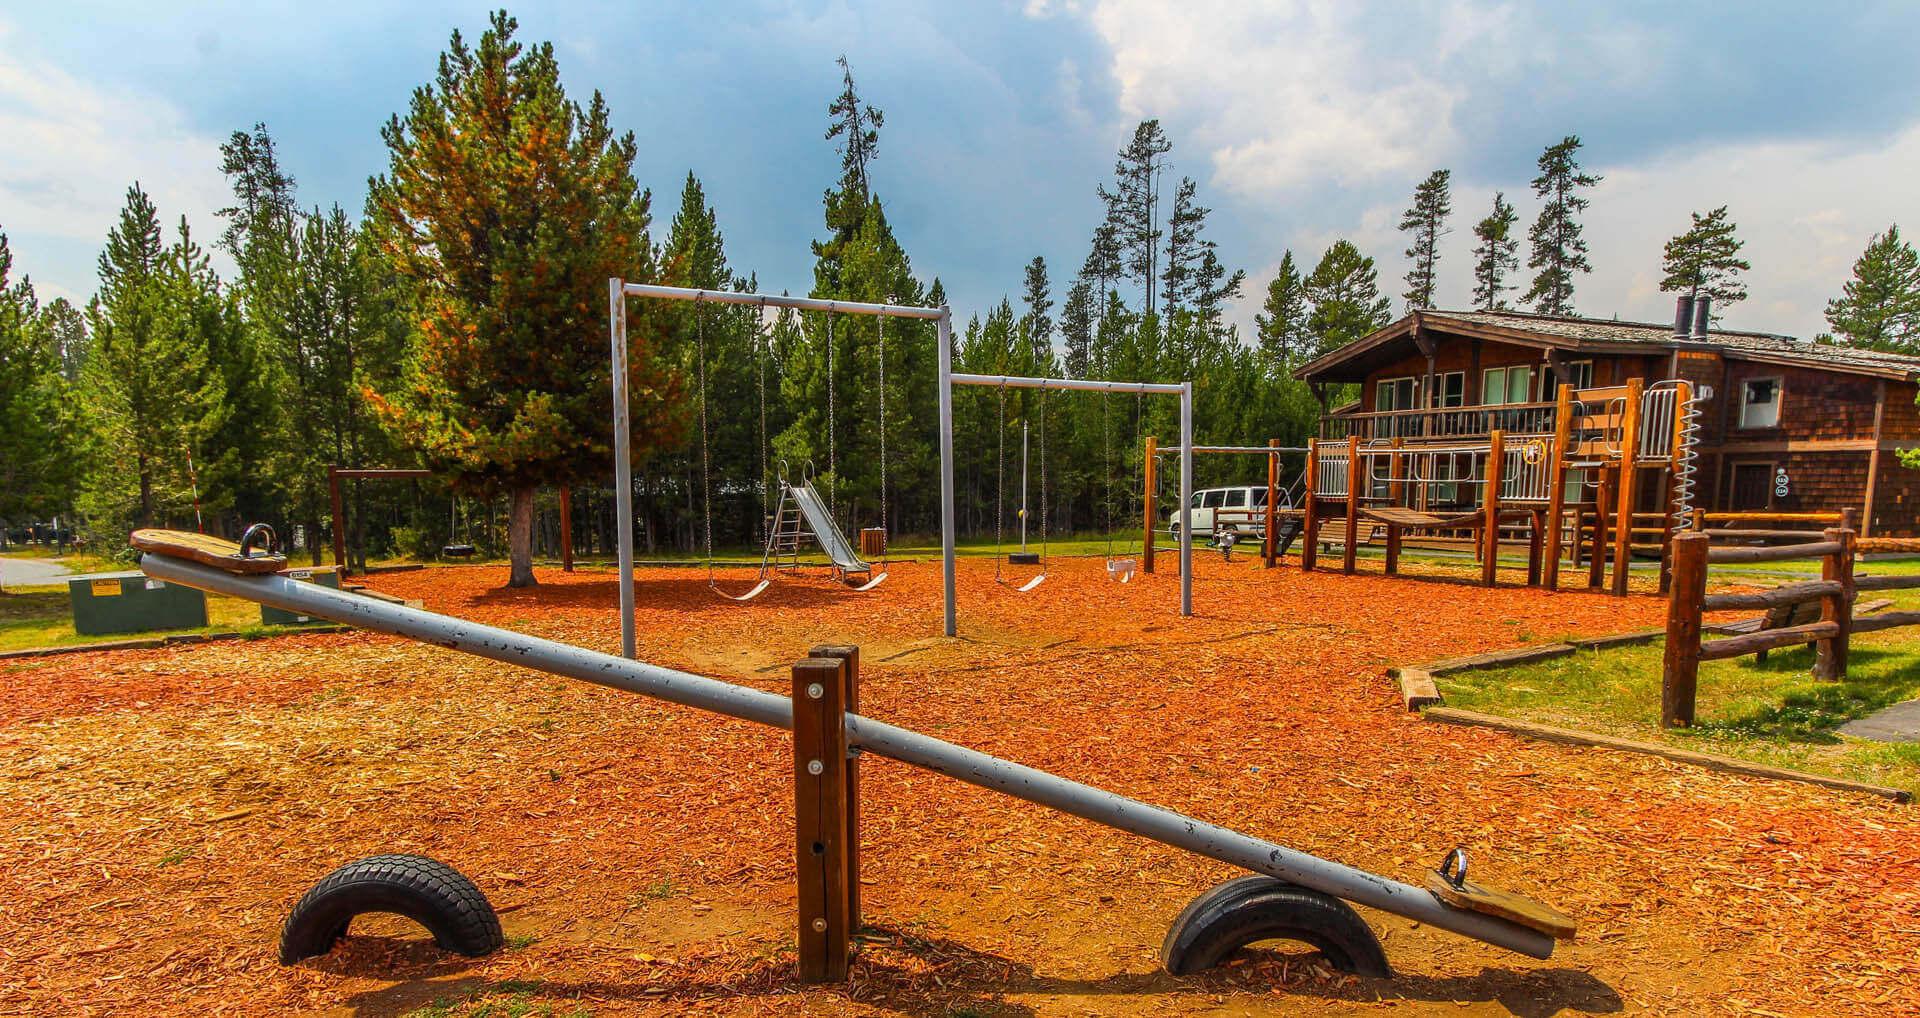 The Timbers Playground